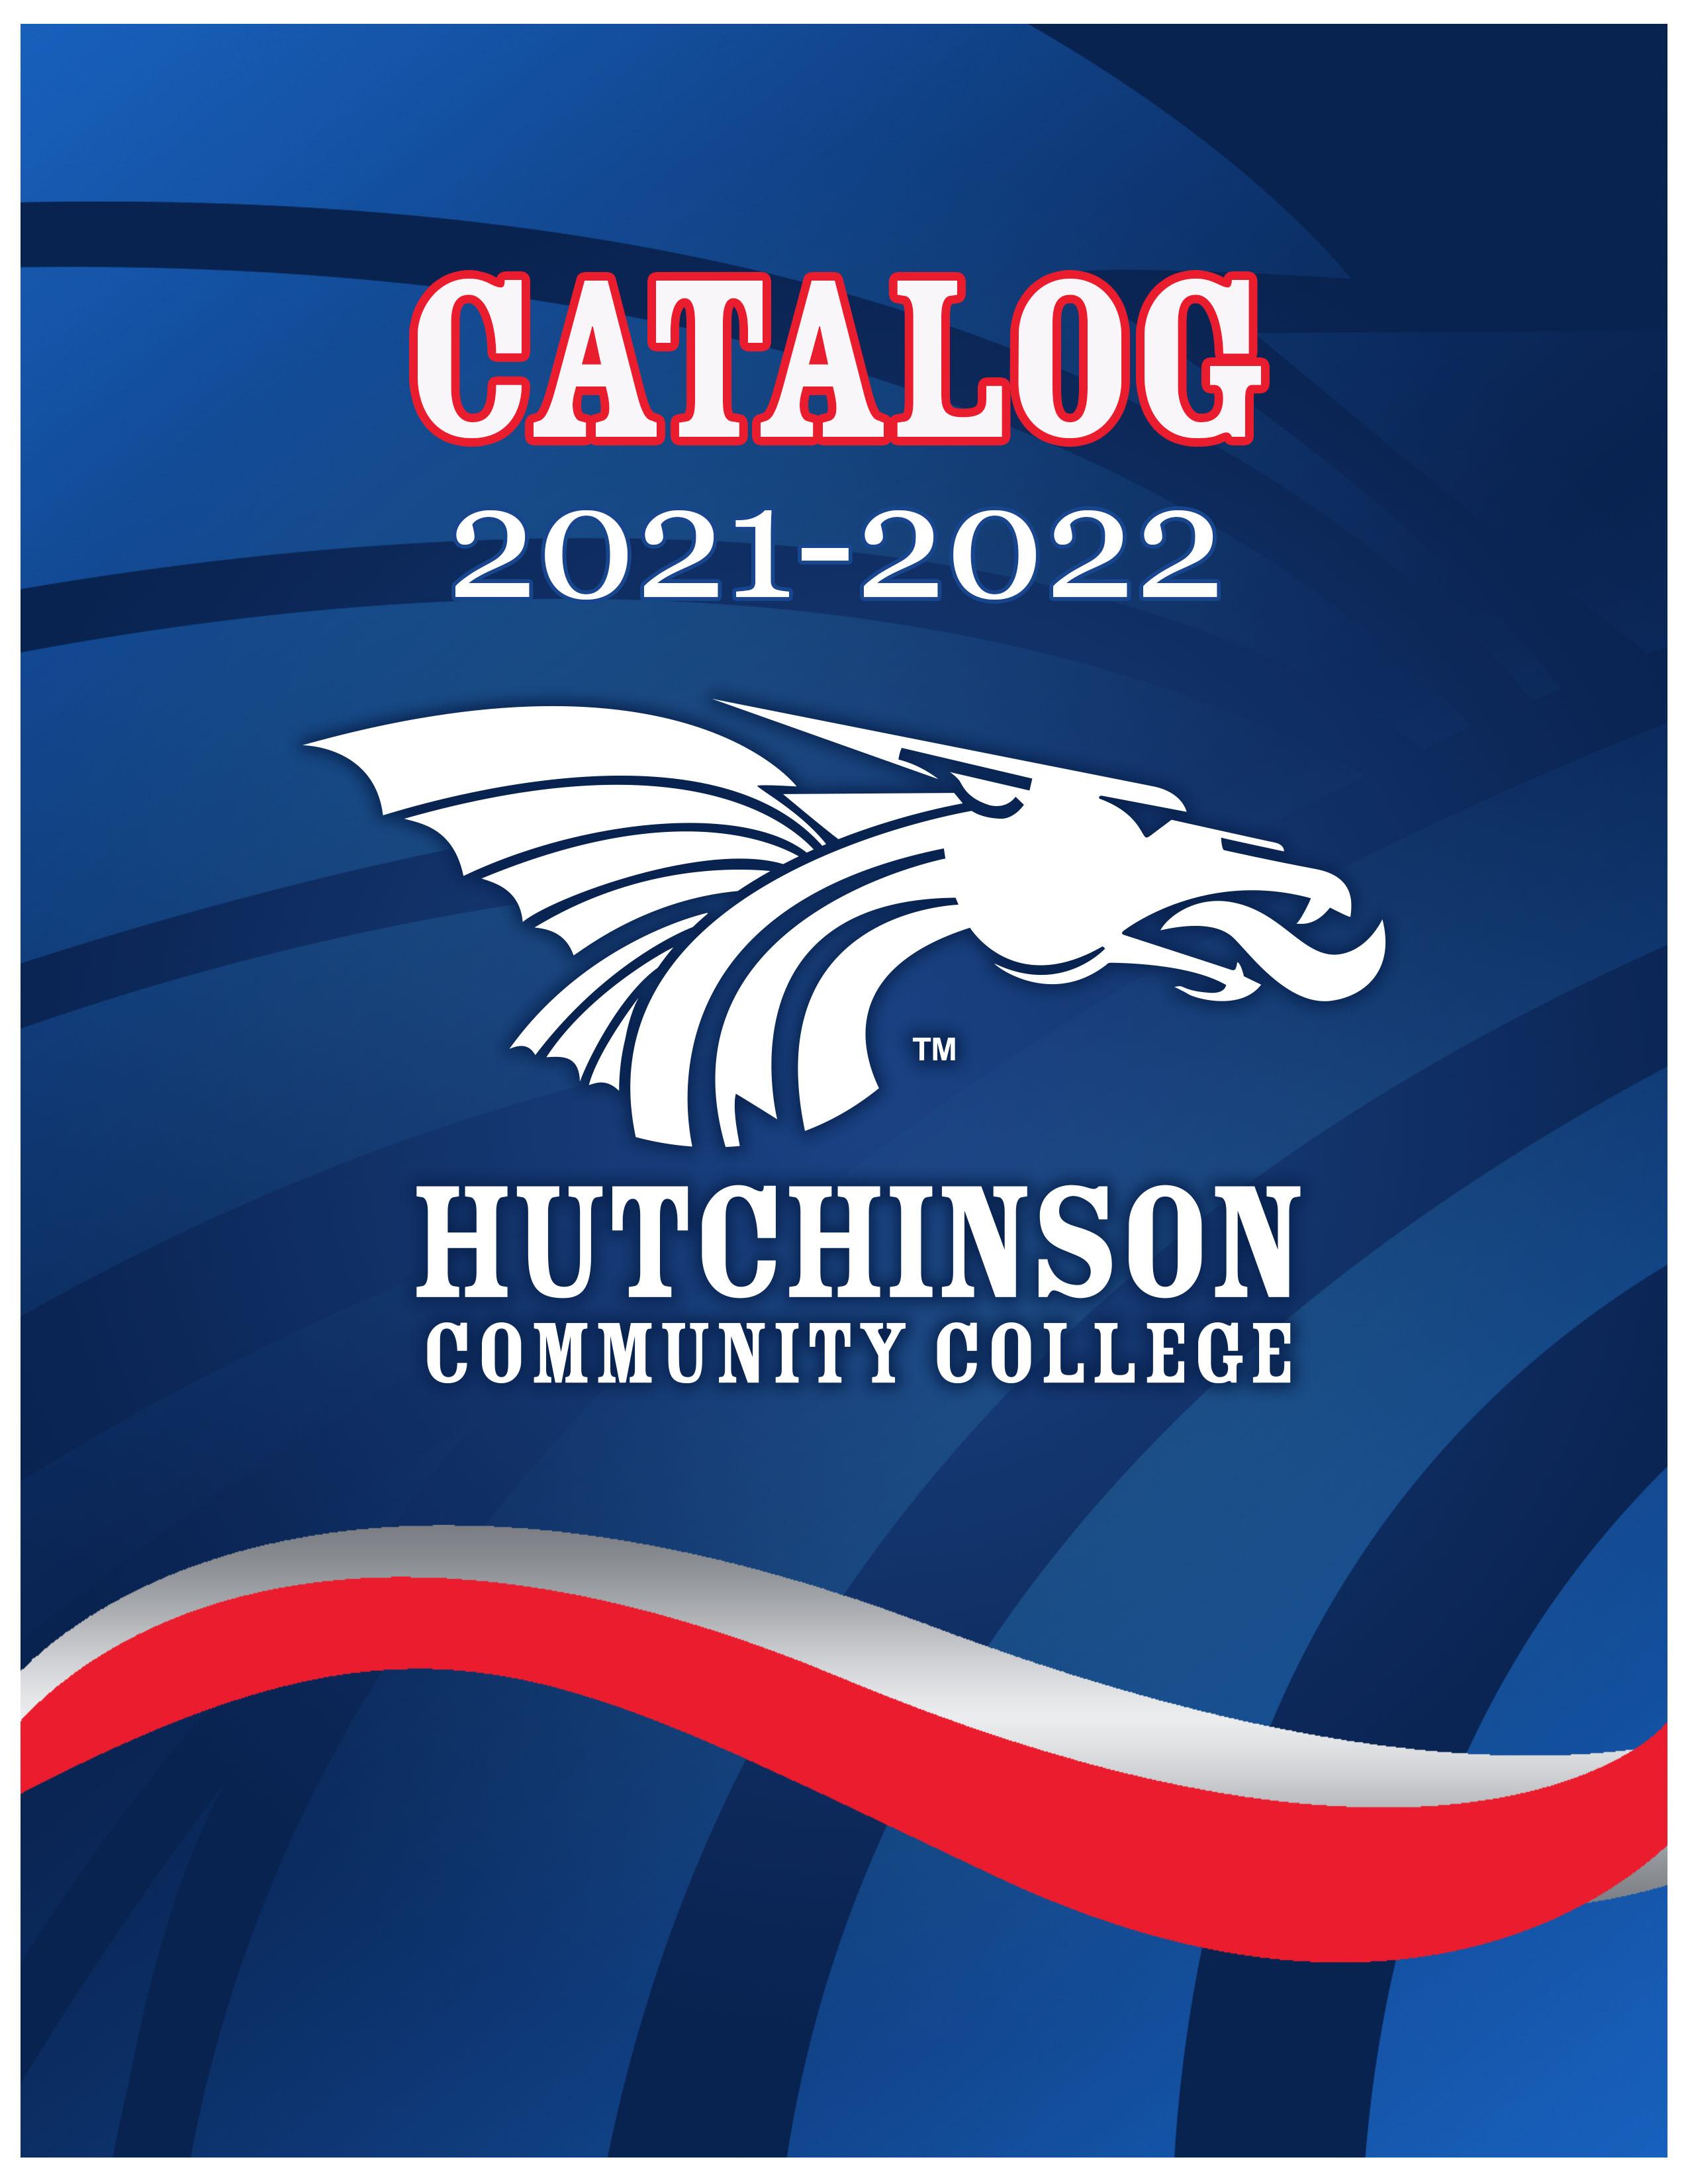 Catalog Cover - 2021-2022